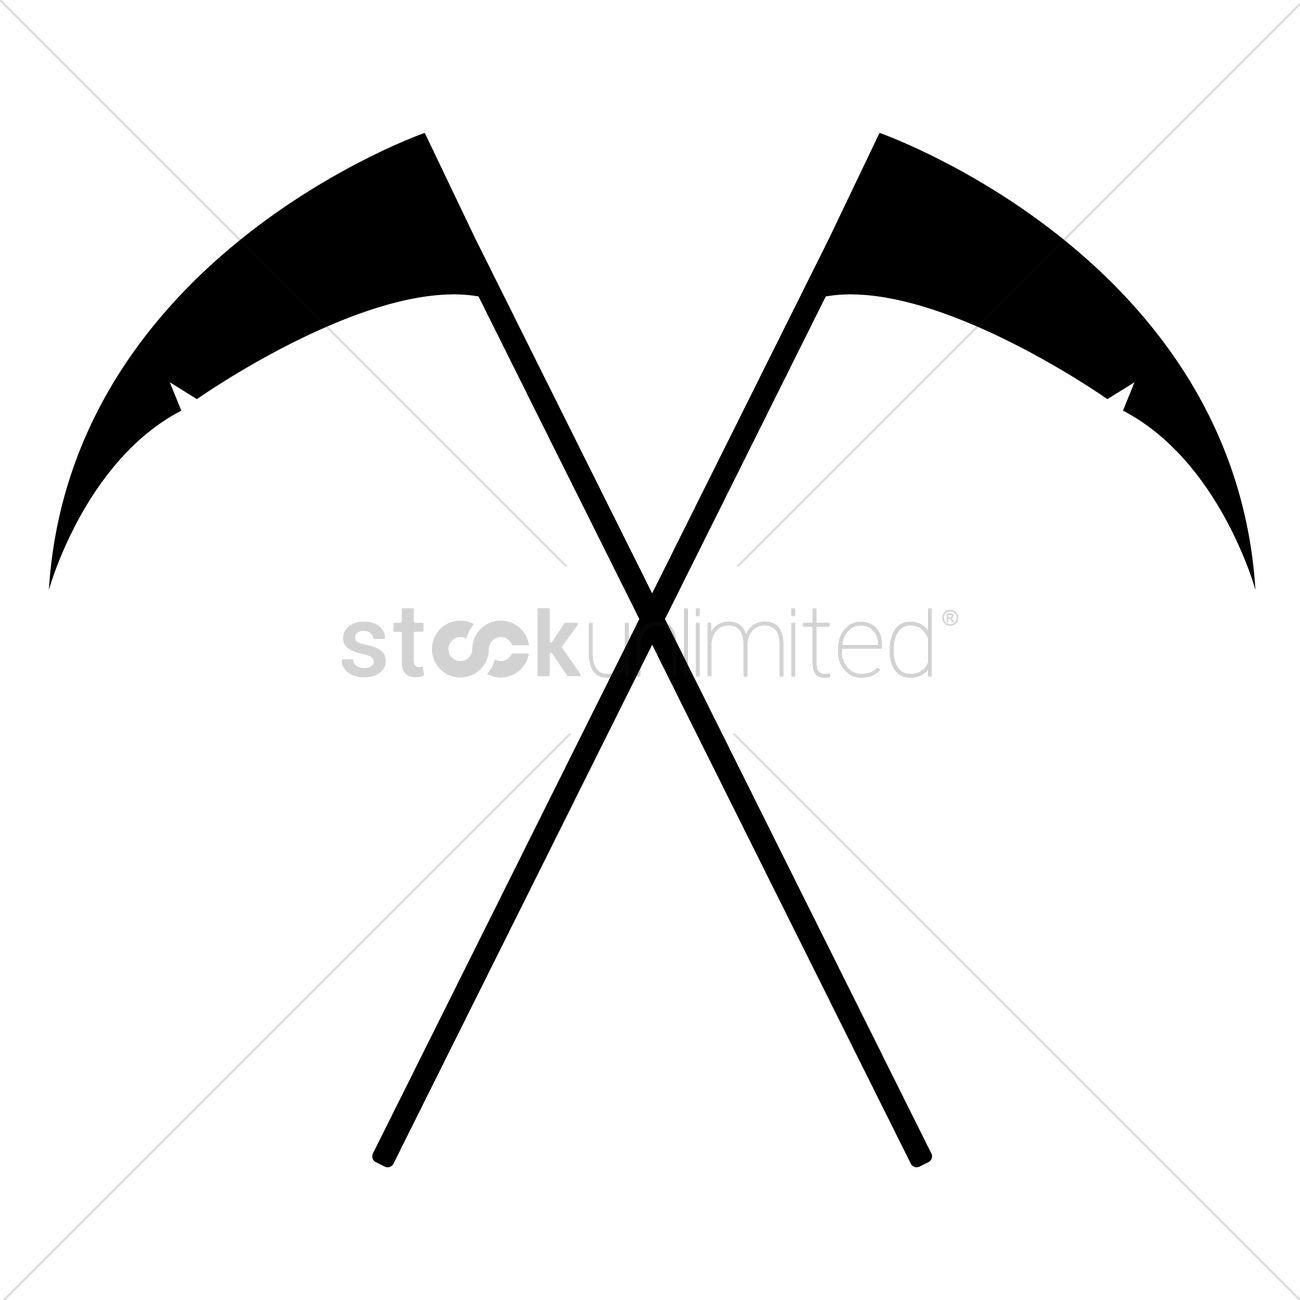 1300x1300 Grim Reaper Scythe Silhouette Vector Image